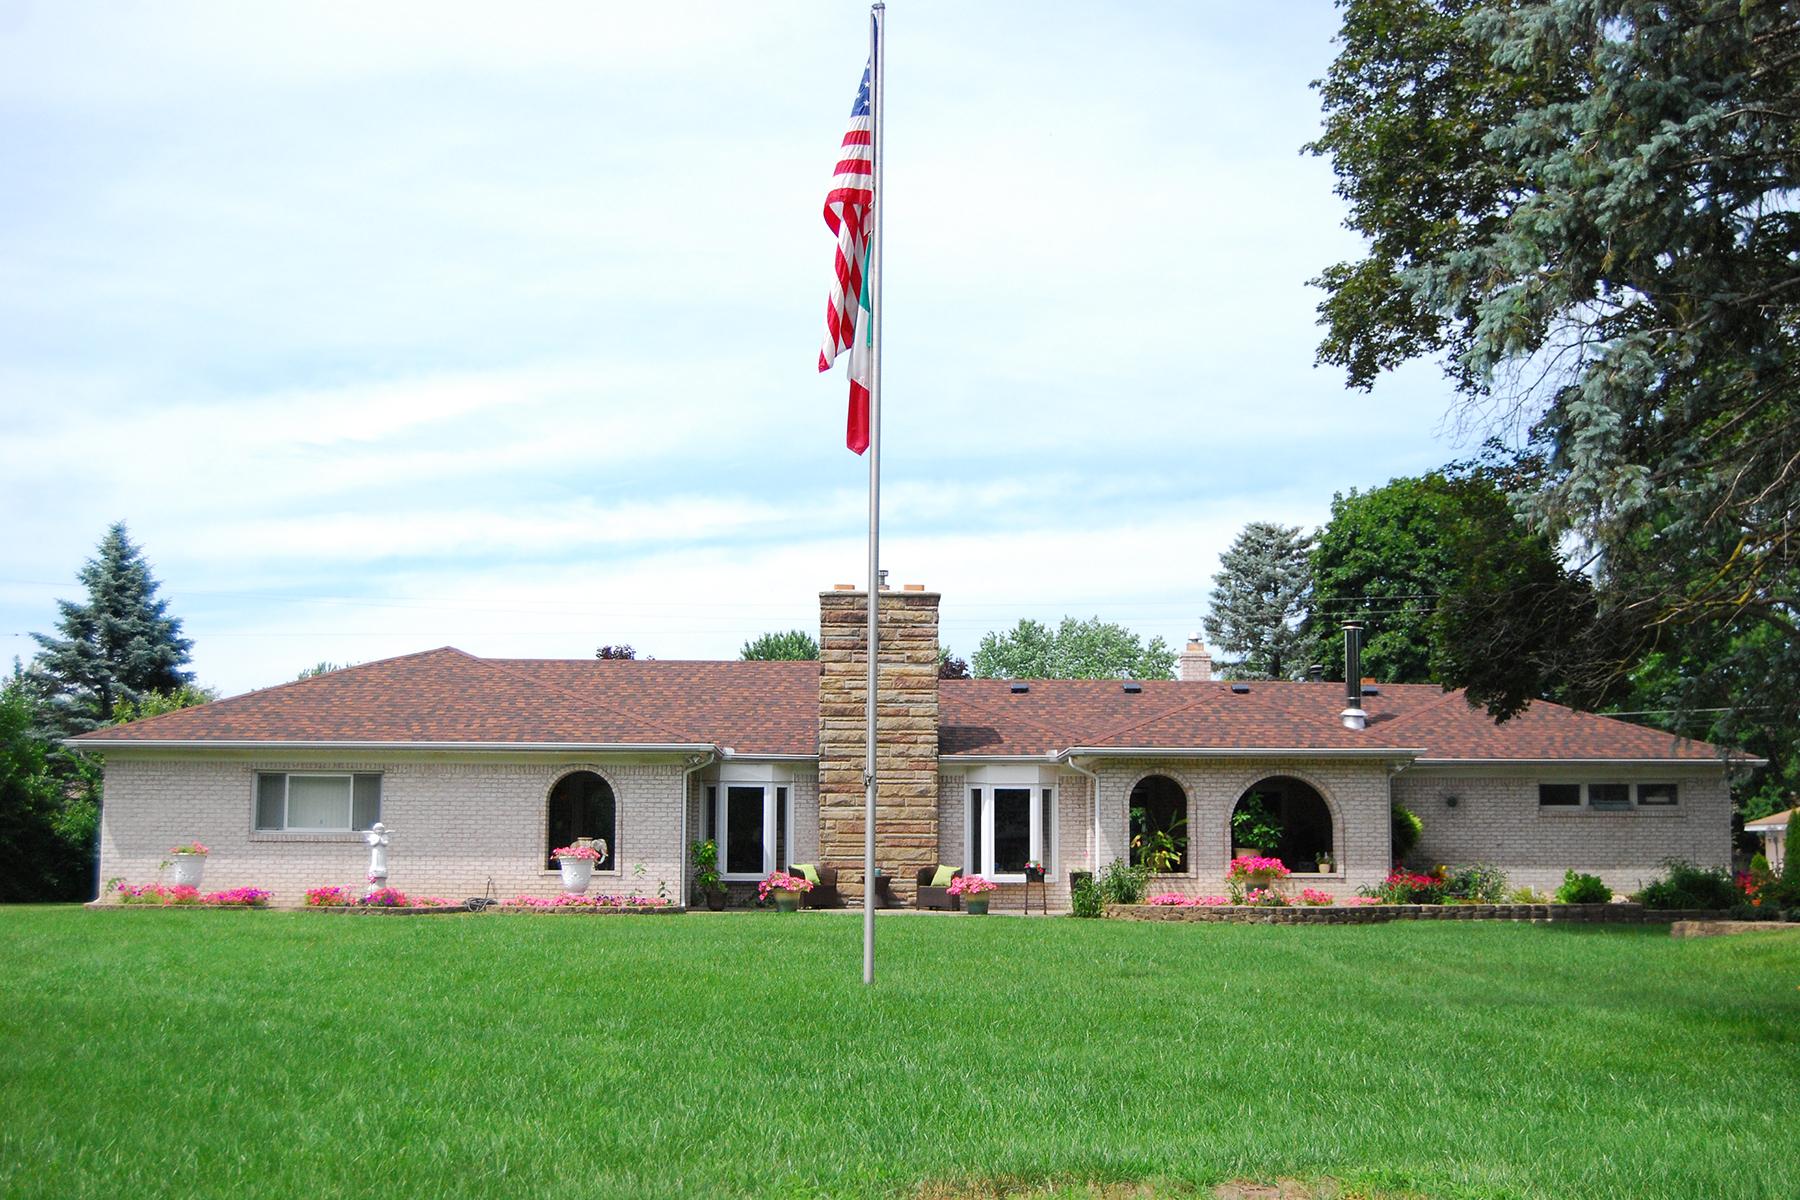 独户住宅 为 销售 在 Livonia 36650 Joy, Livonia, 密歇根州 48150 美国